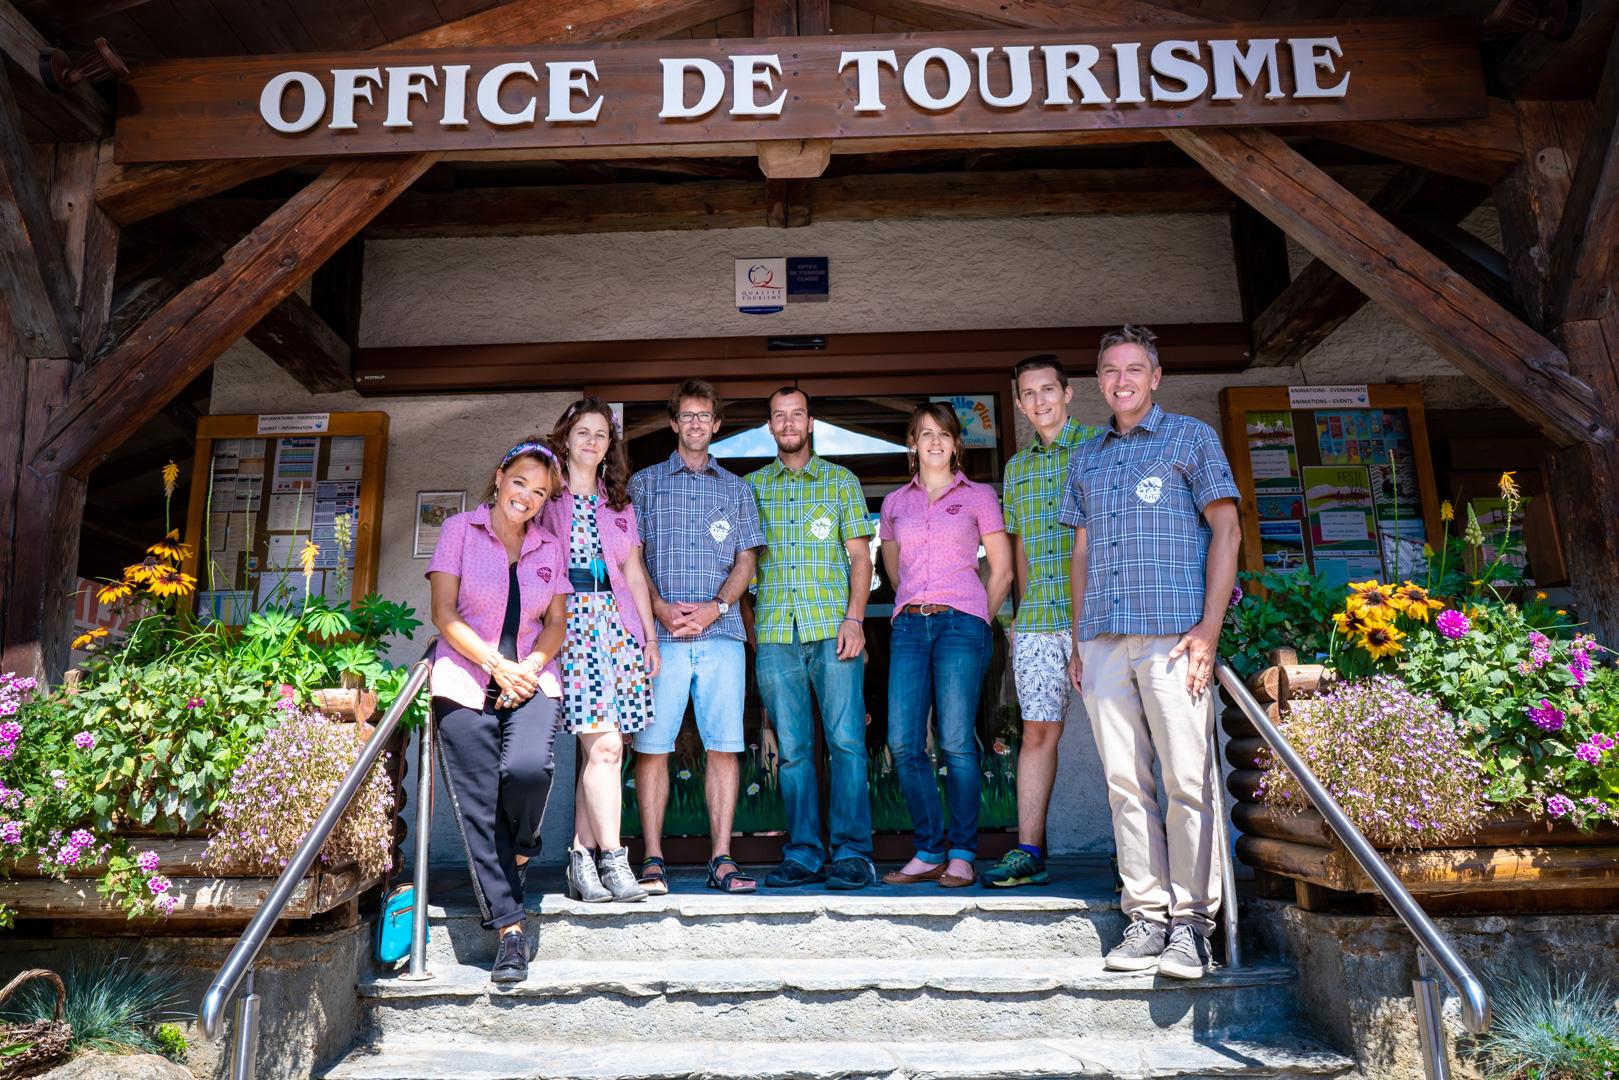 Offres d 39 emploi office de tourisme de praz sur arly - Office de tourisme praz sur arly ...